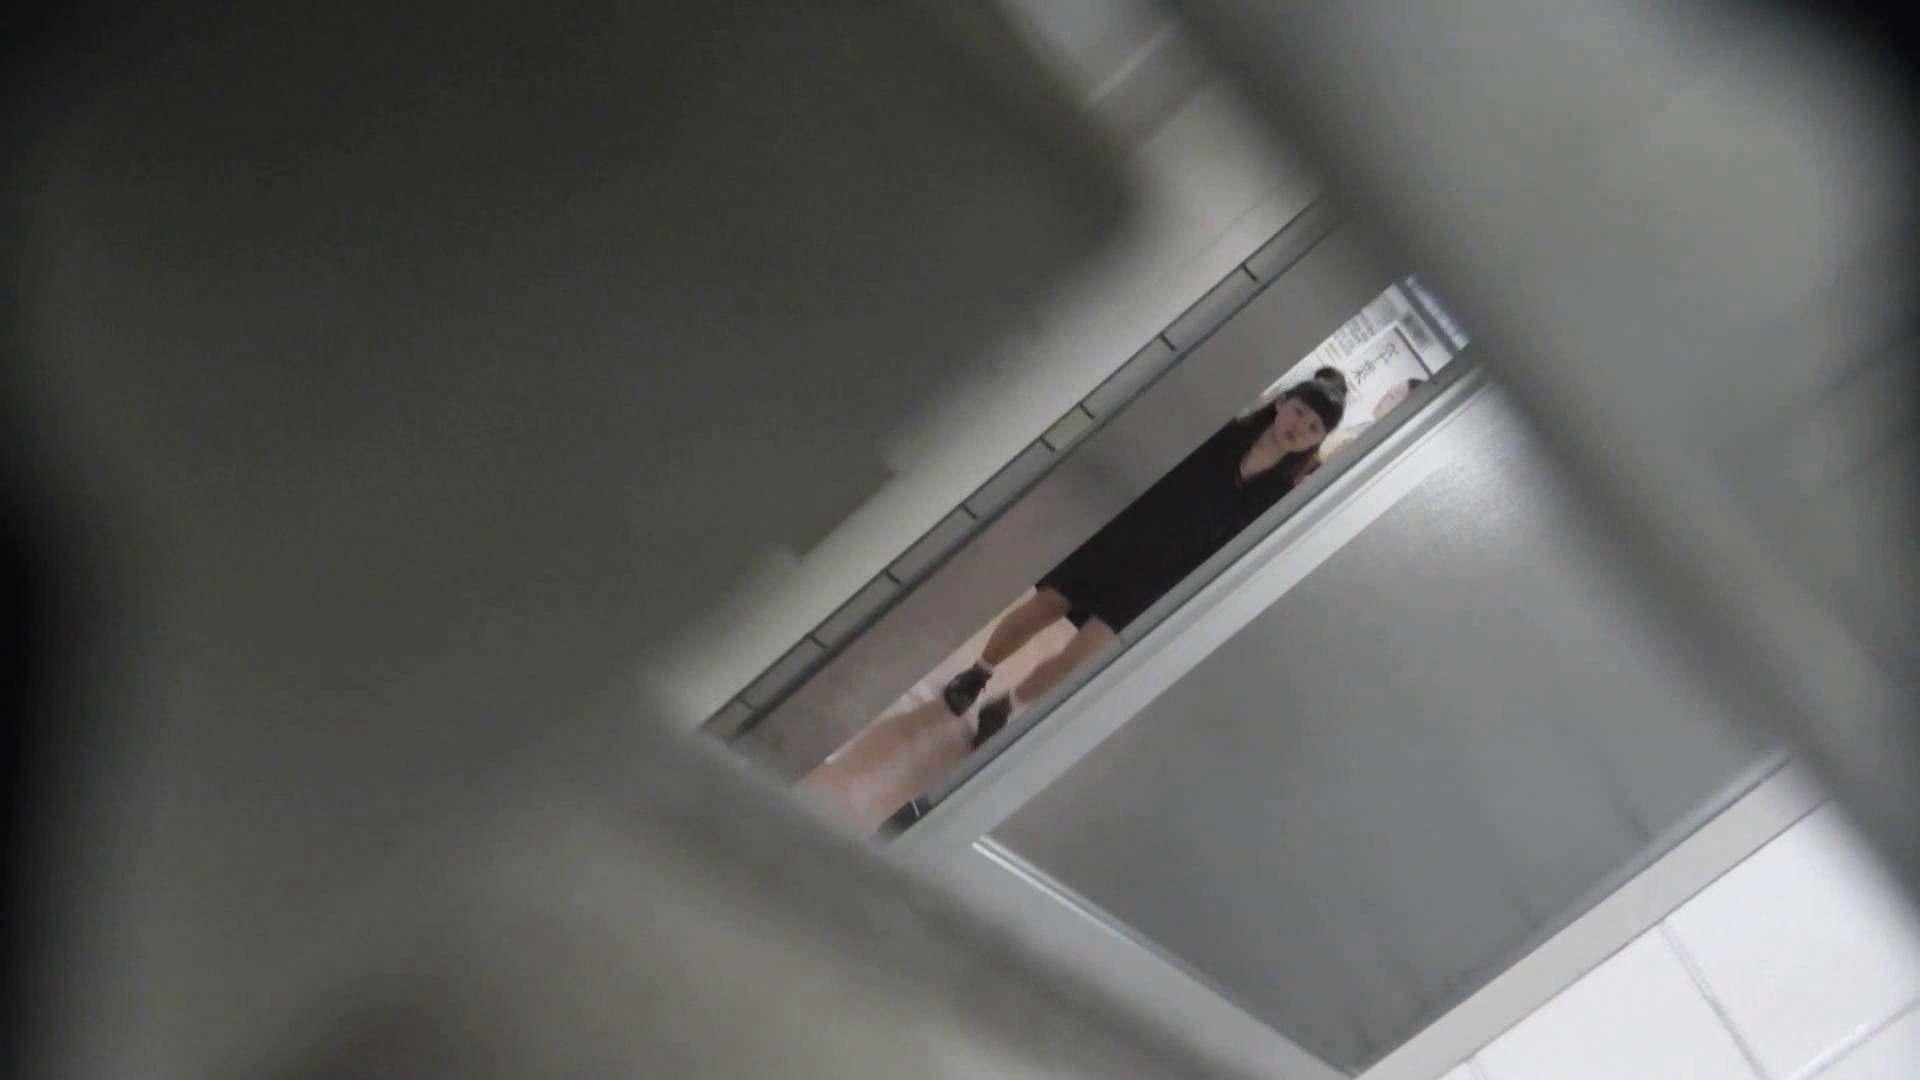 vol.62 命がけ潜伏洗面所! クパ~しながら放水してみた 女達のプライベート ヌード画像 66画像 14